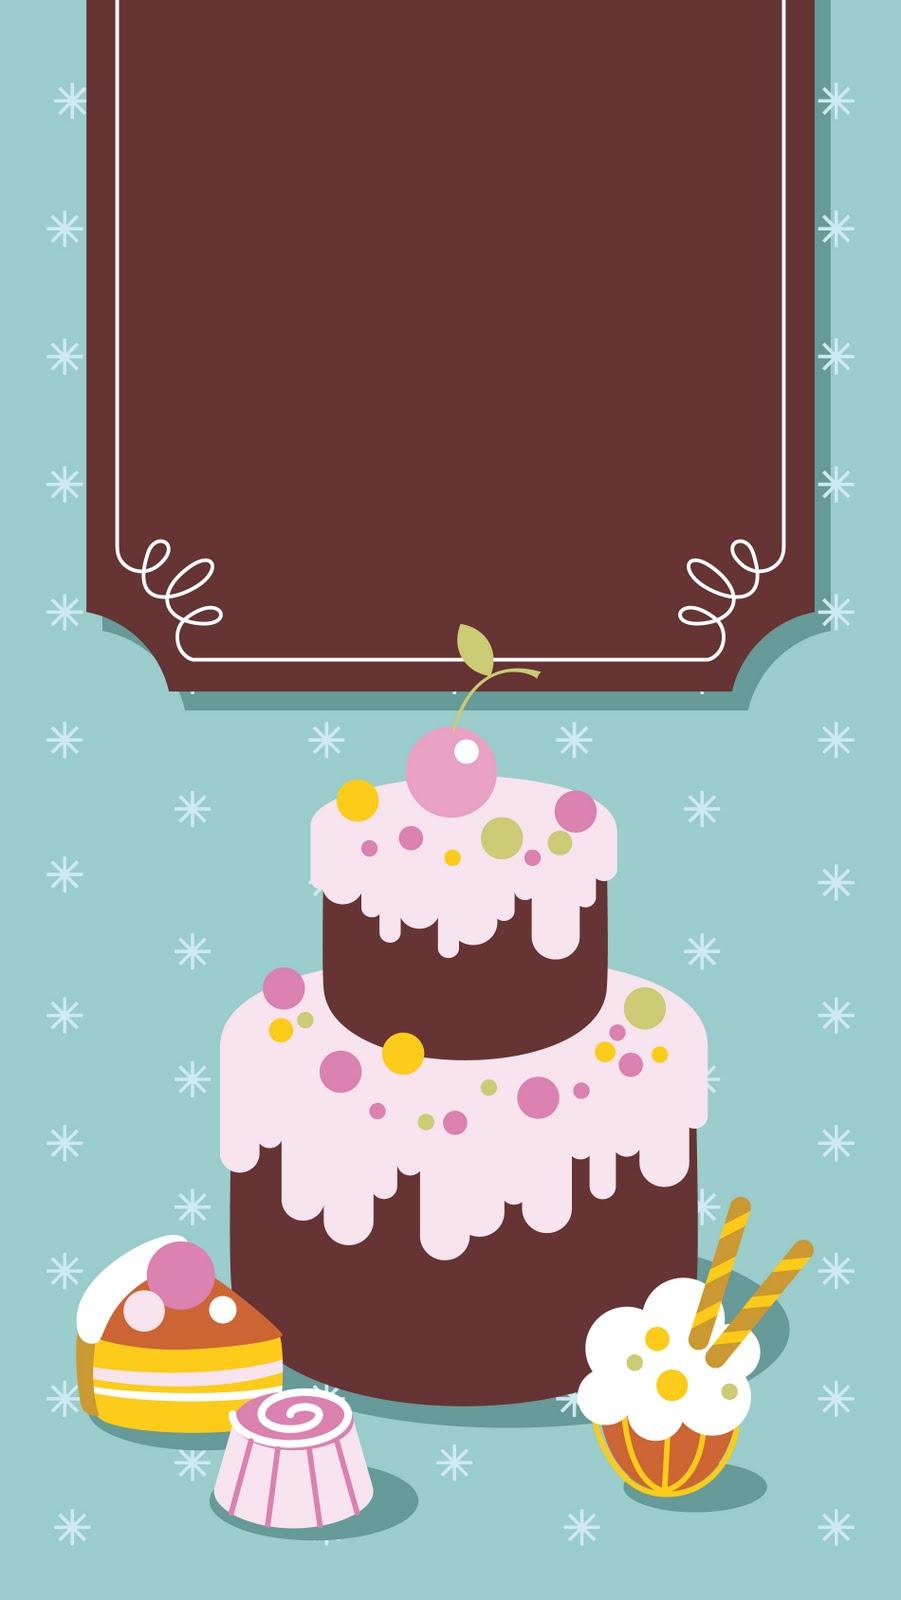 Cake With Photo Frame : BluebearryArt: Cake Frame